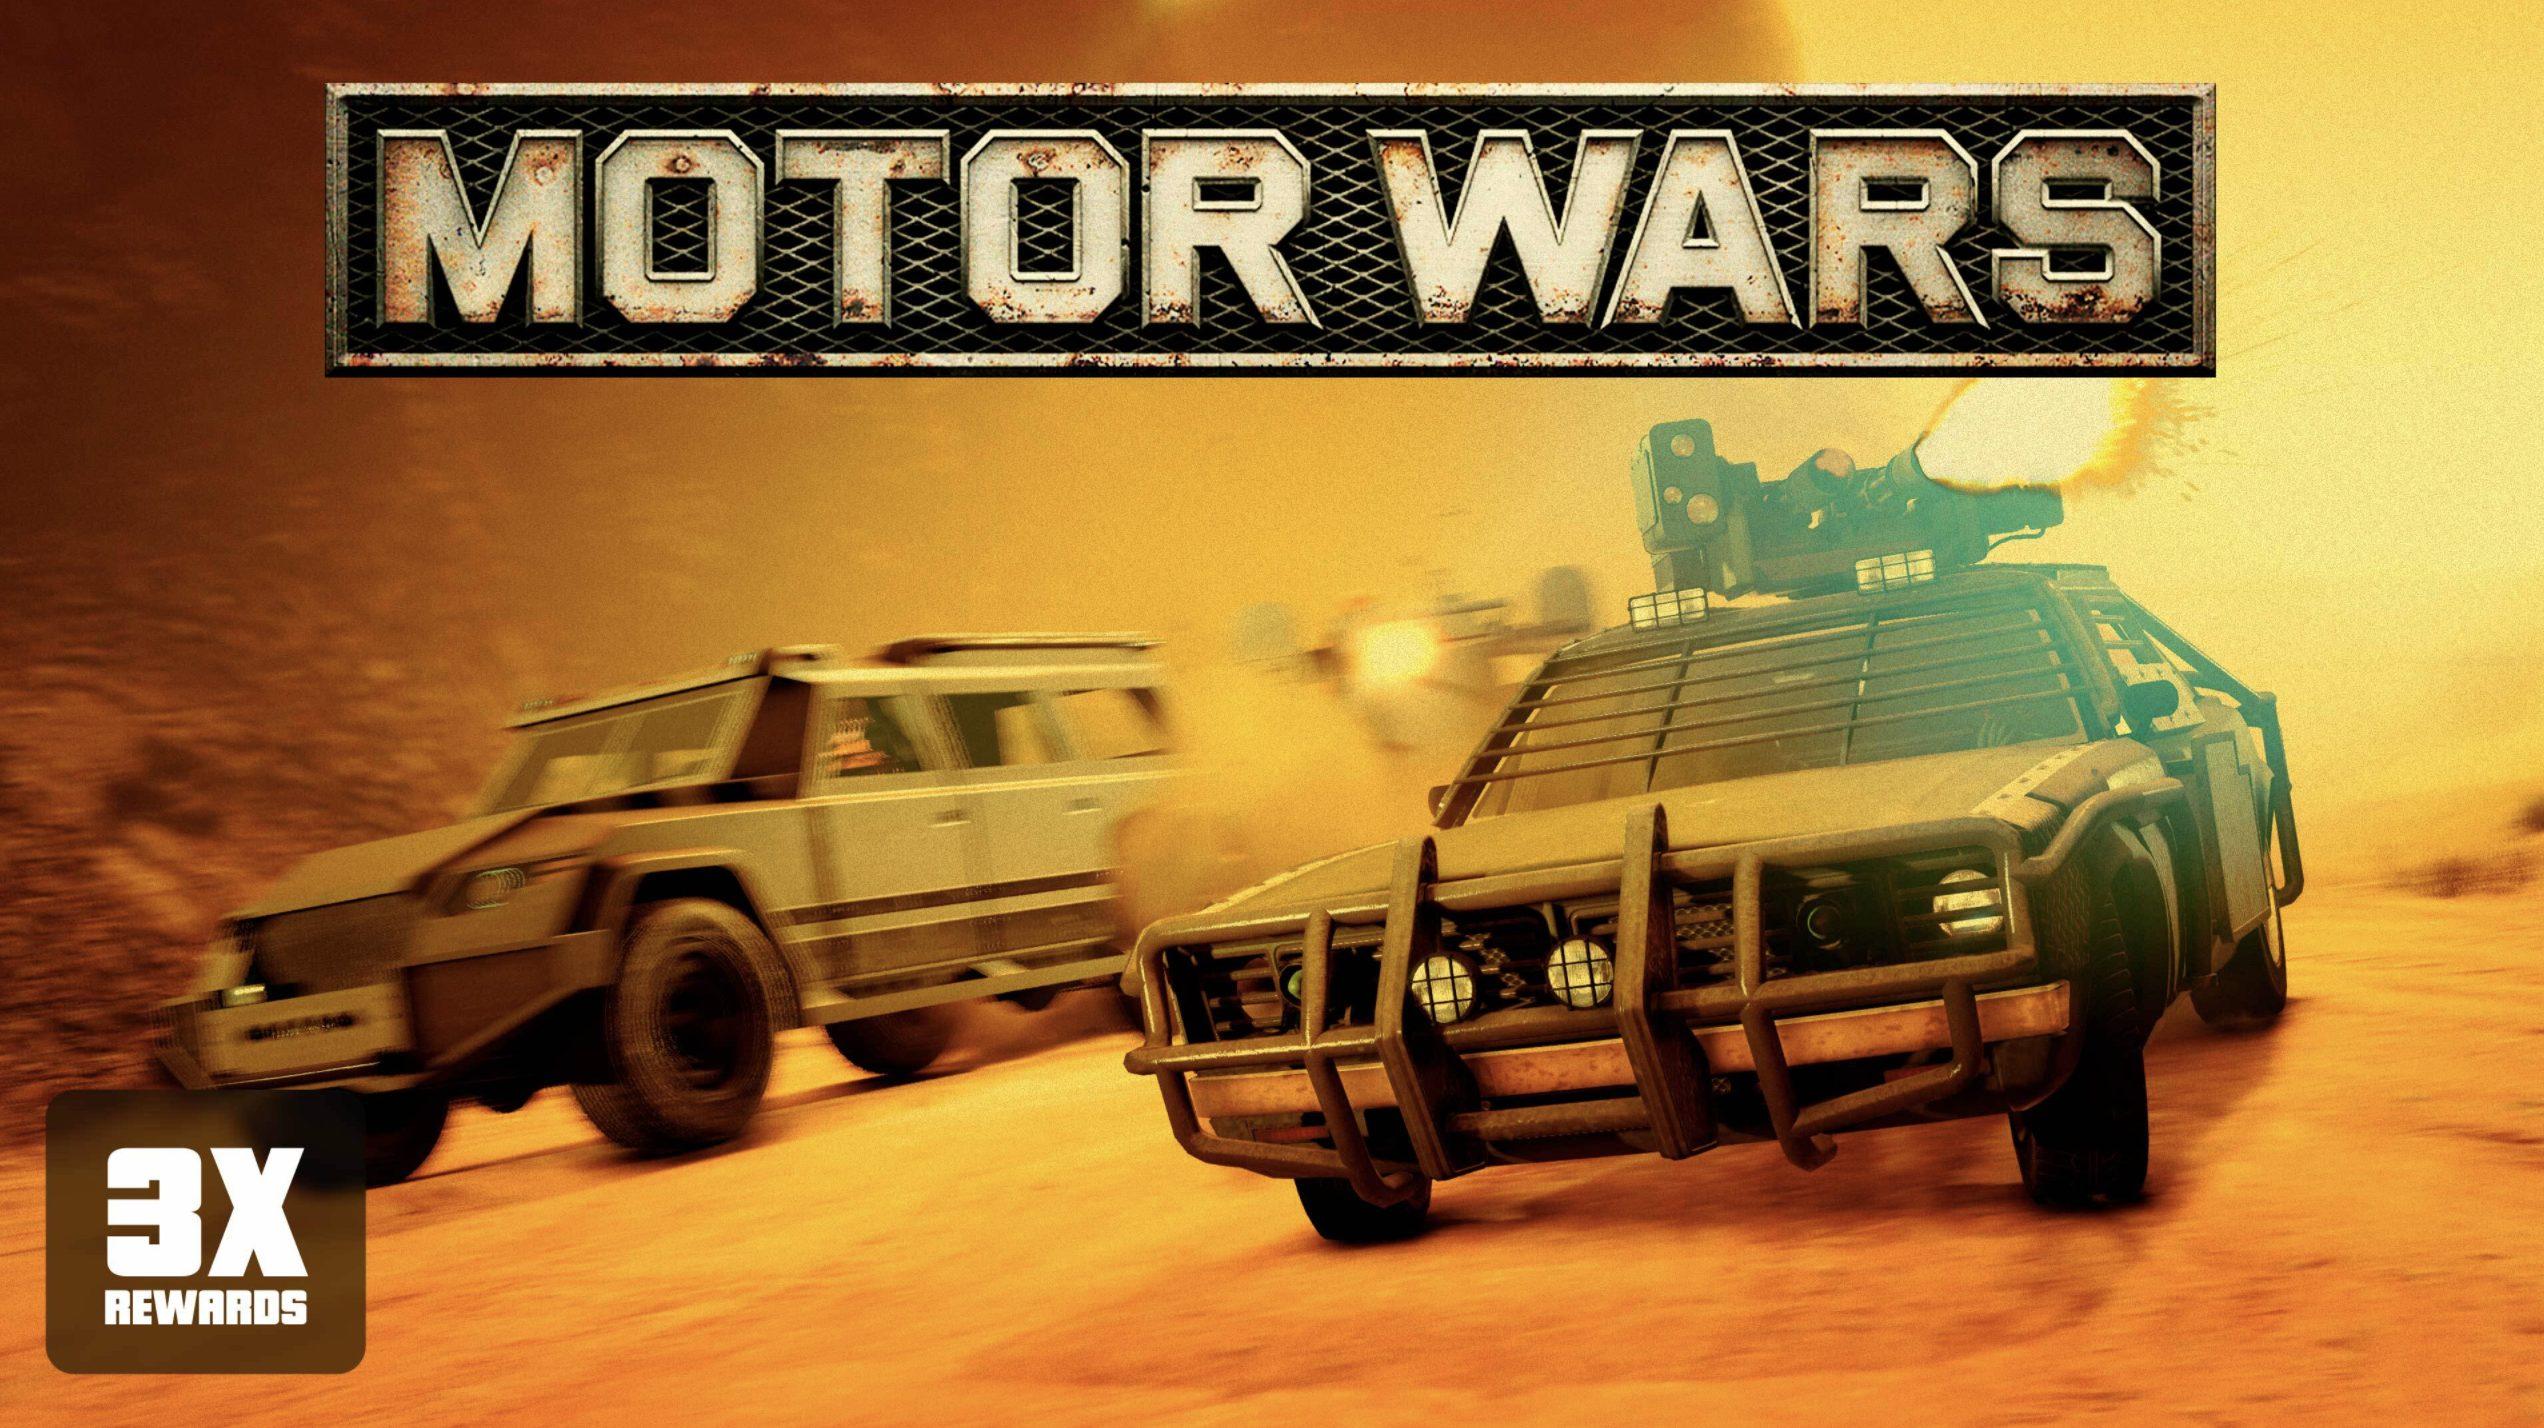 Récompenses triplées dans Motor Wars cette semaine